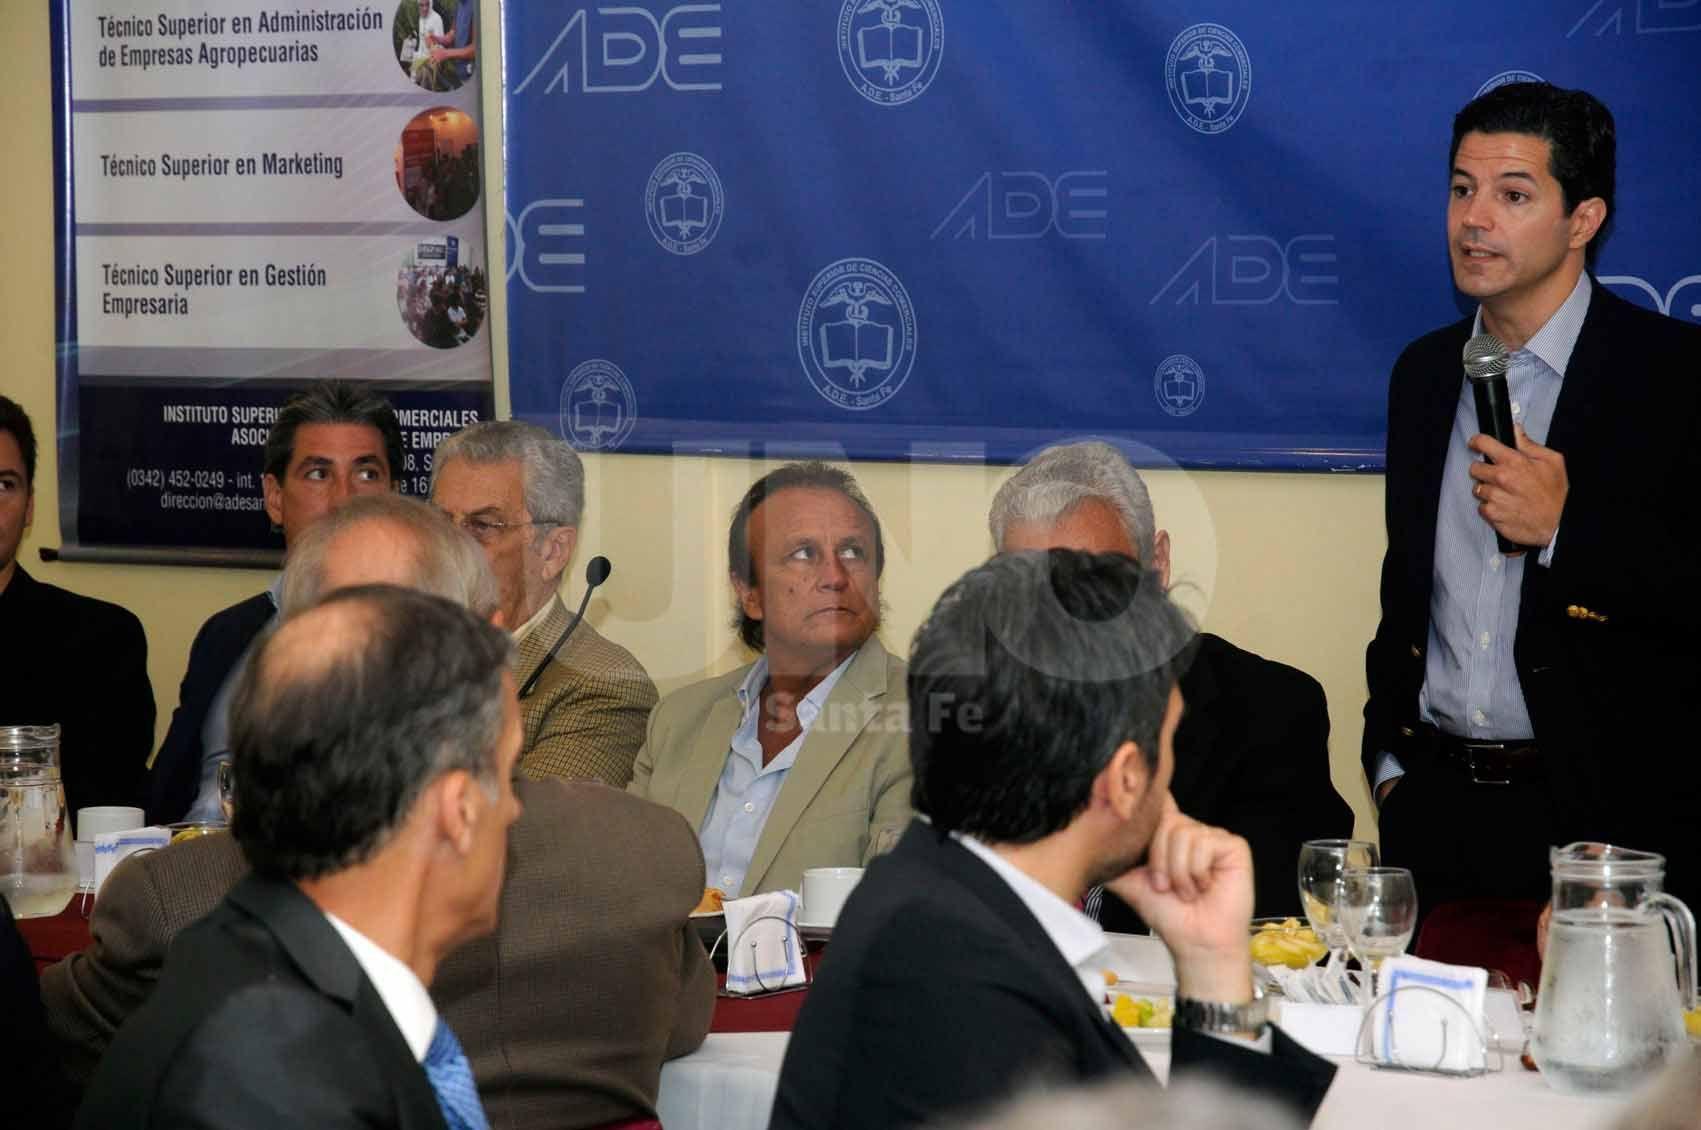 En la sede de ADE. Laspina habla ante el auditorio